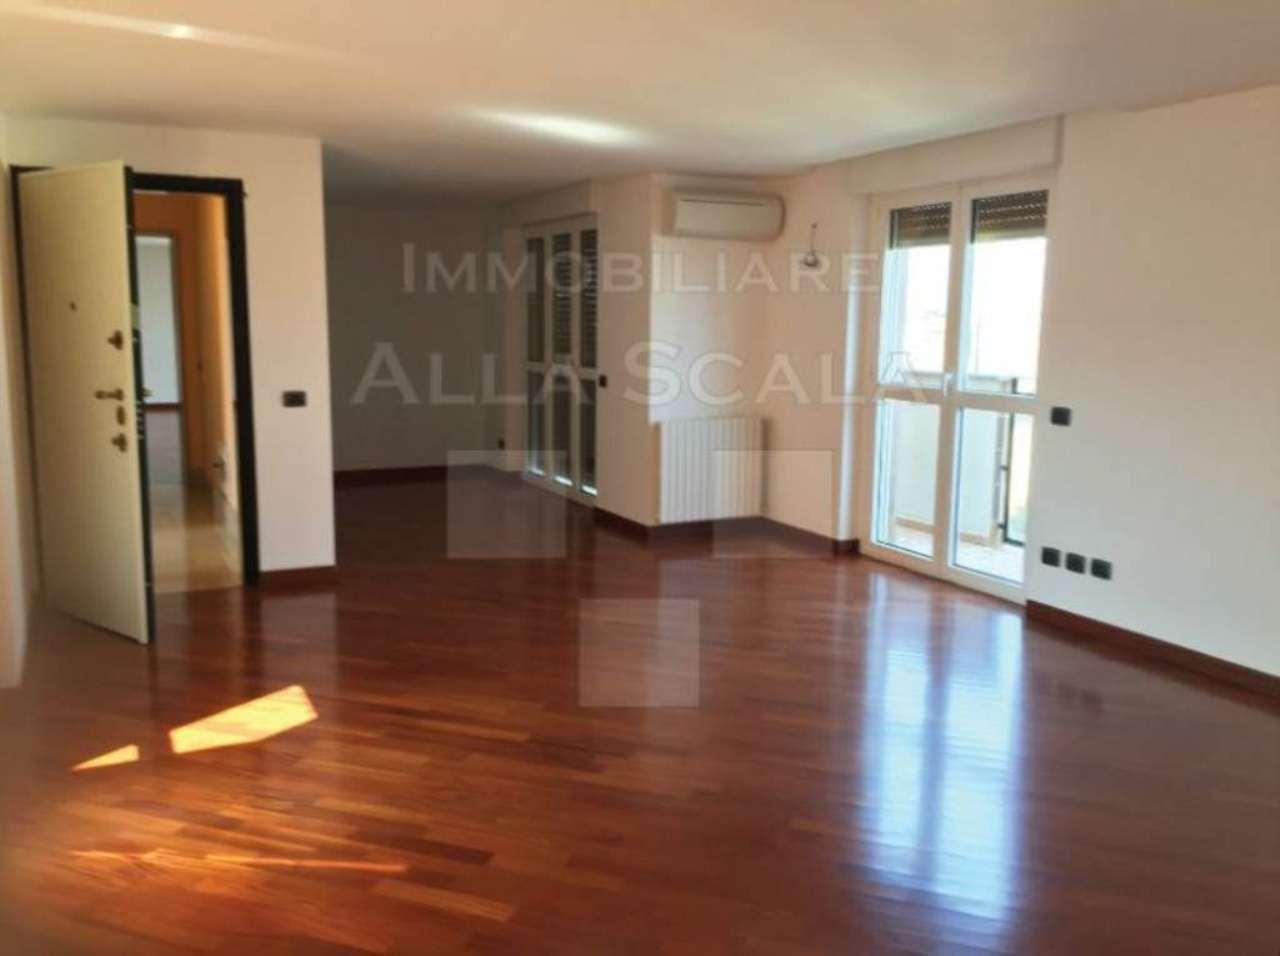 Attico in affitto a milano piazza sant 39 ambrogio for Appartamenti arredati in affitto milano